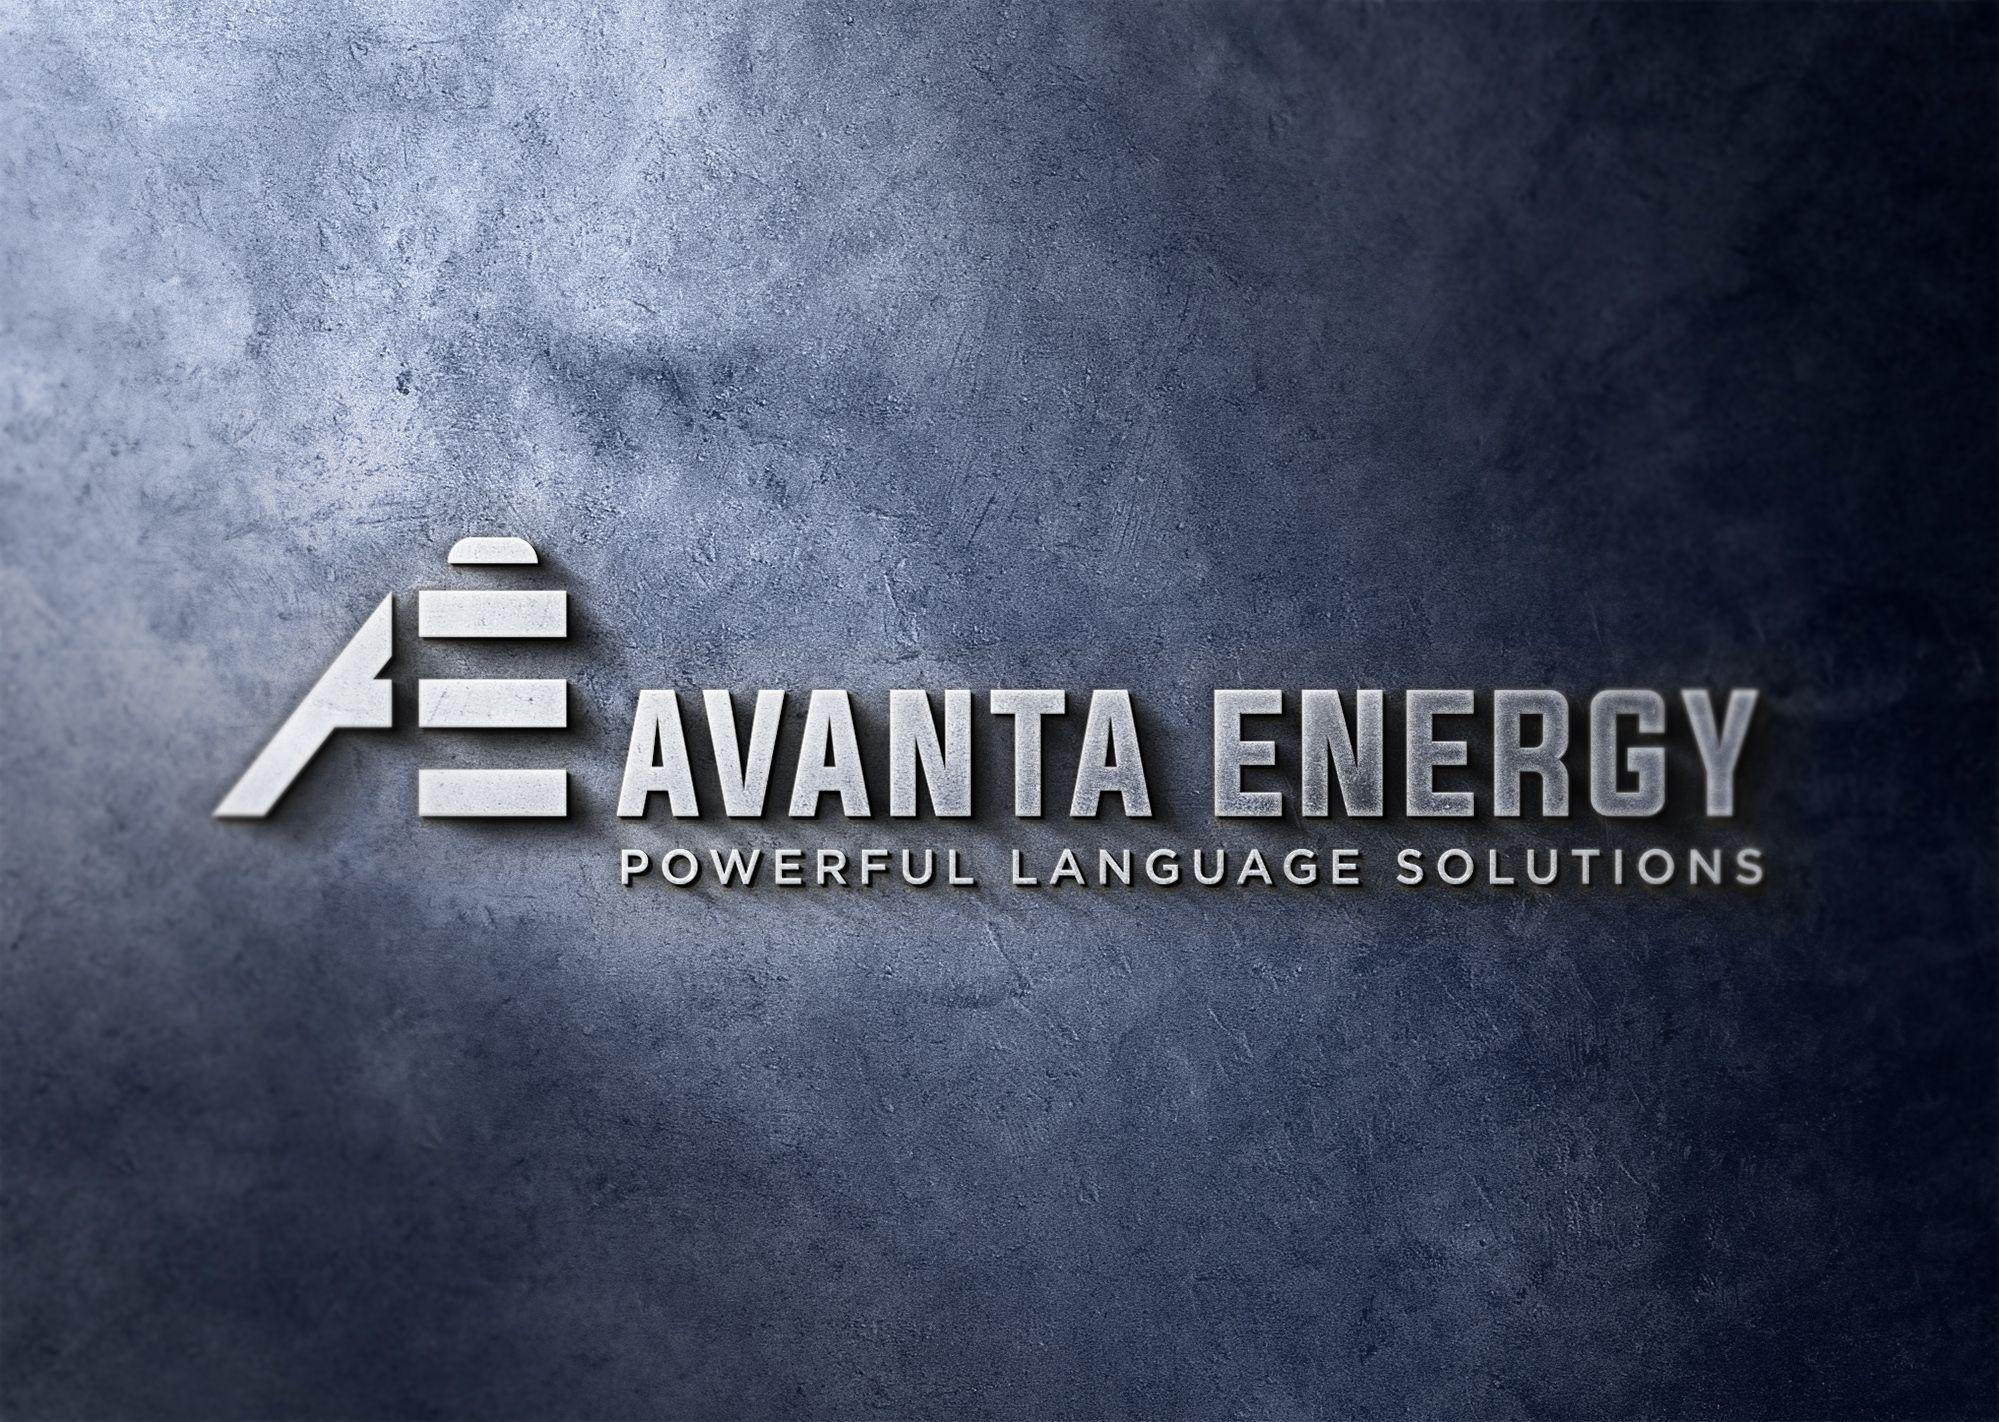 Фирмстиль + лого для переводческой компании - дизайнер U4po4mak